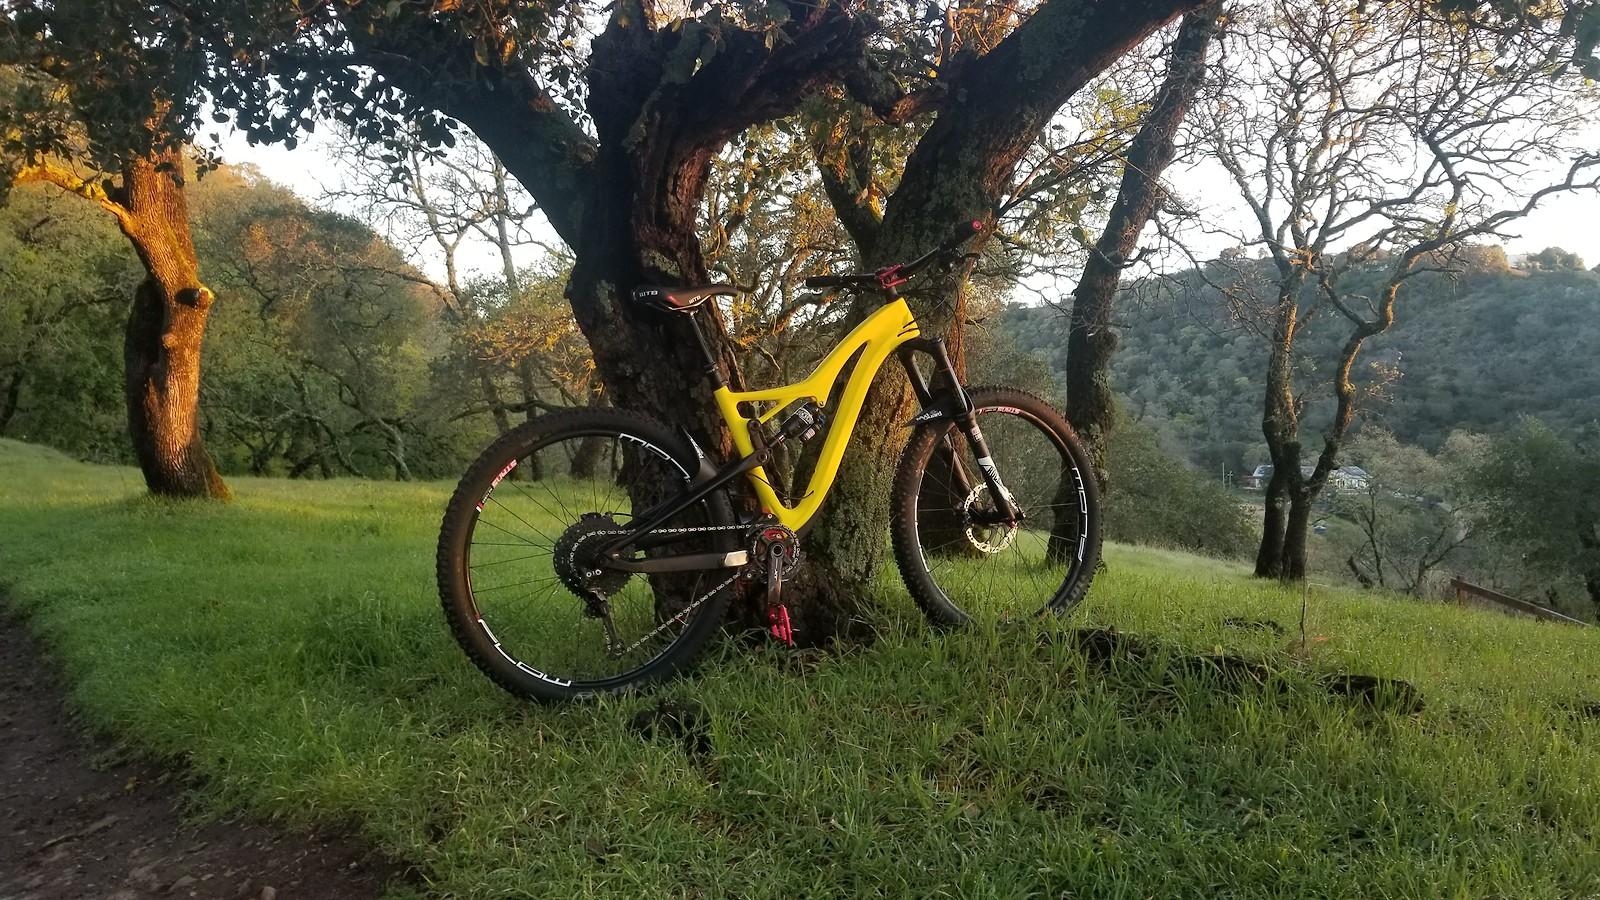 Yellow jacket bike build